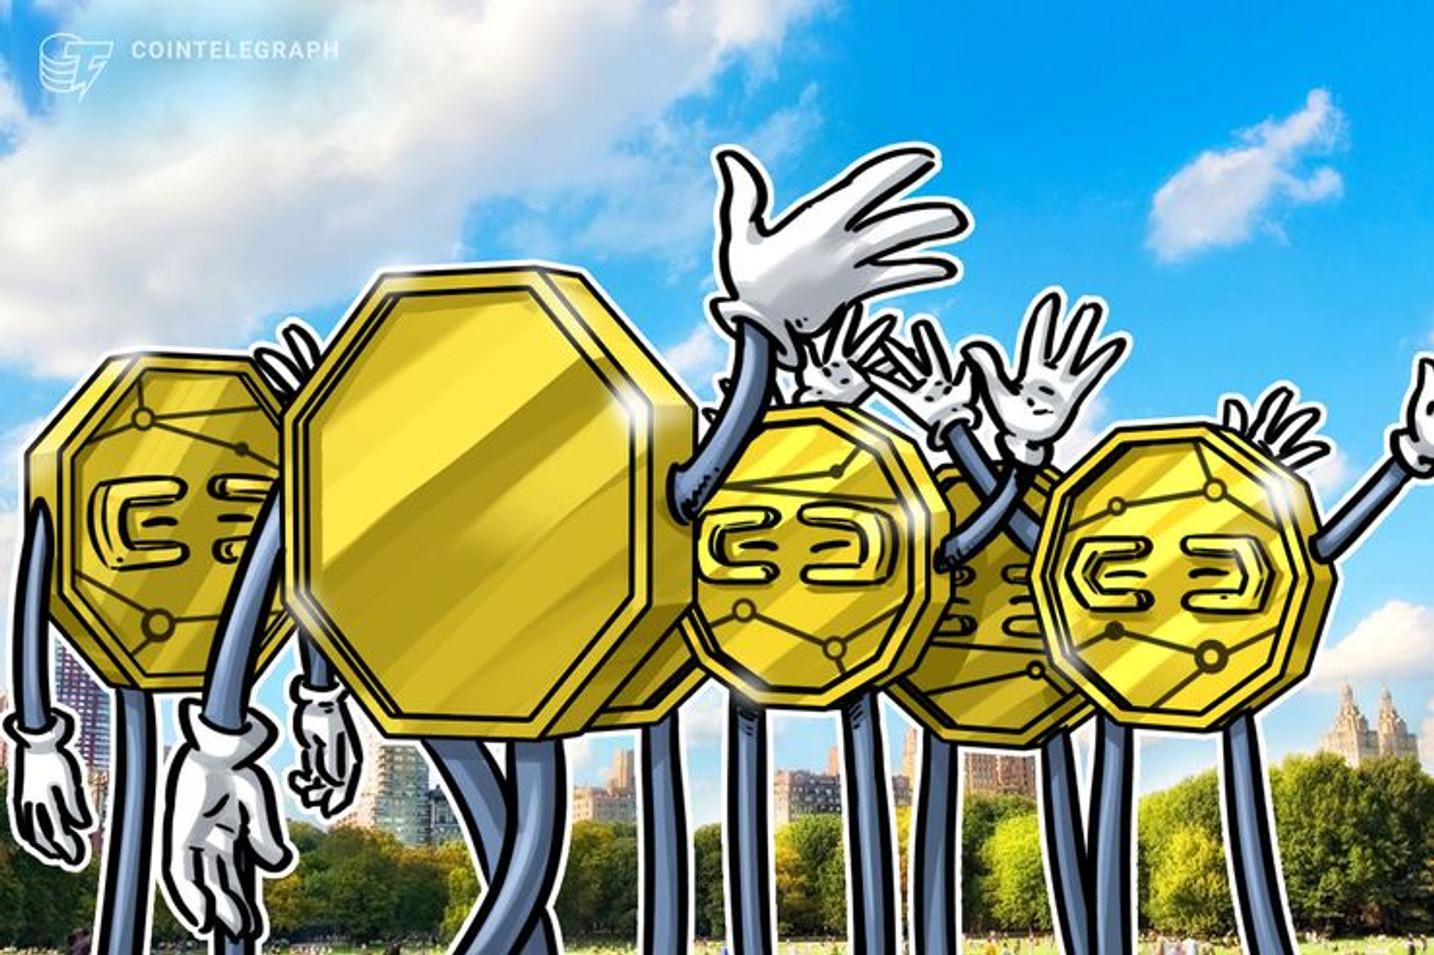 Na dúvida Hodl: Binance revela que apesar do bear market Bitcoin valorizou mais de 200% desde 2017